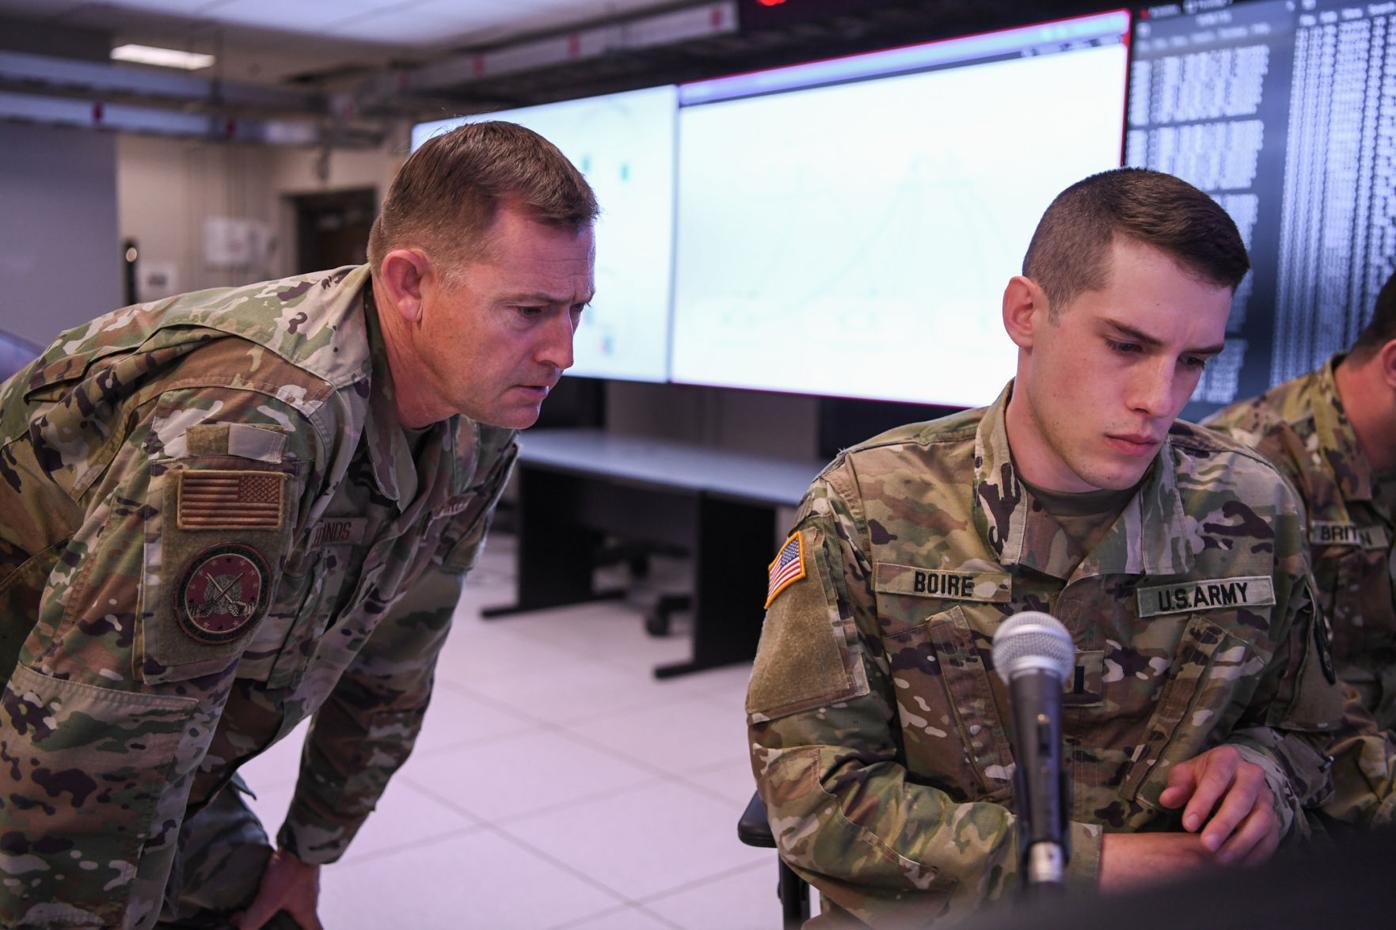 Lt. Col. Darren Edmonds